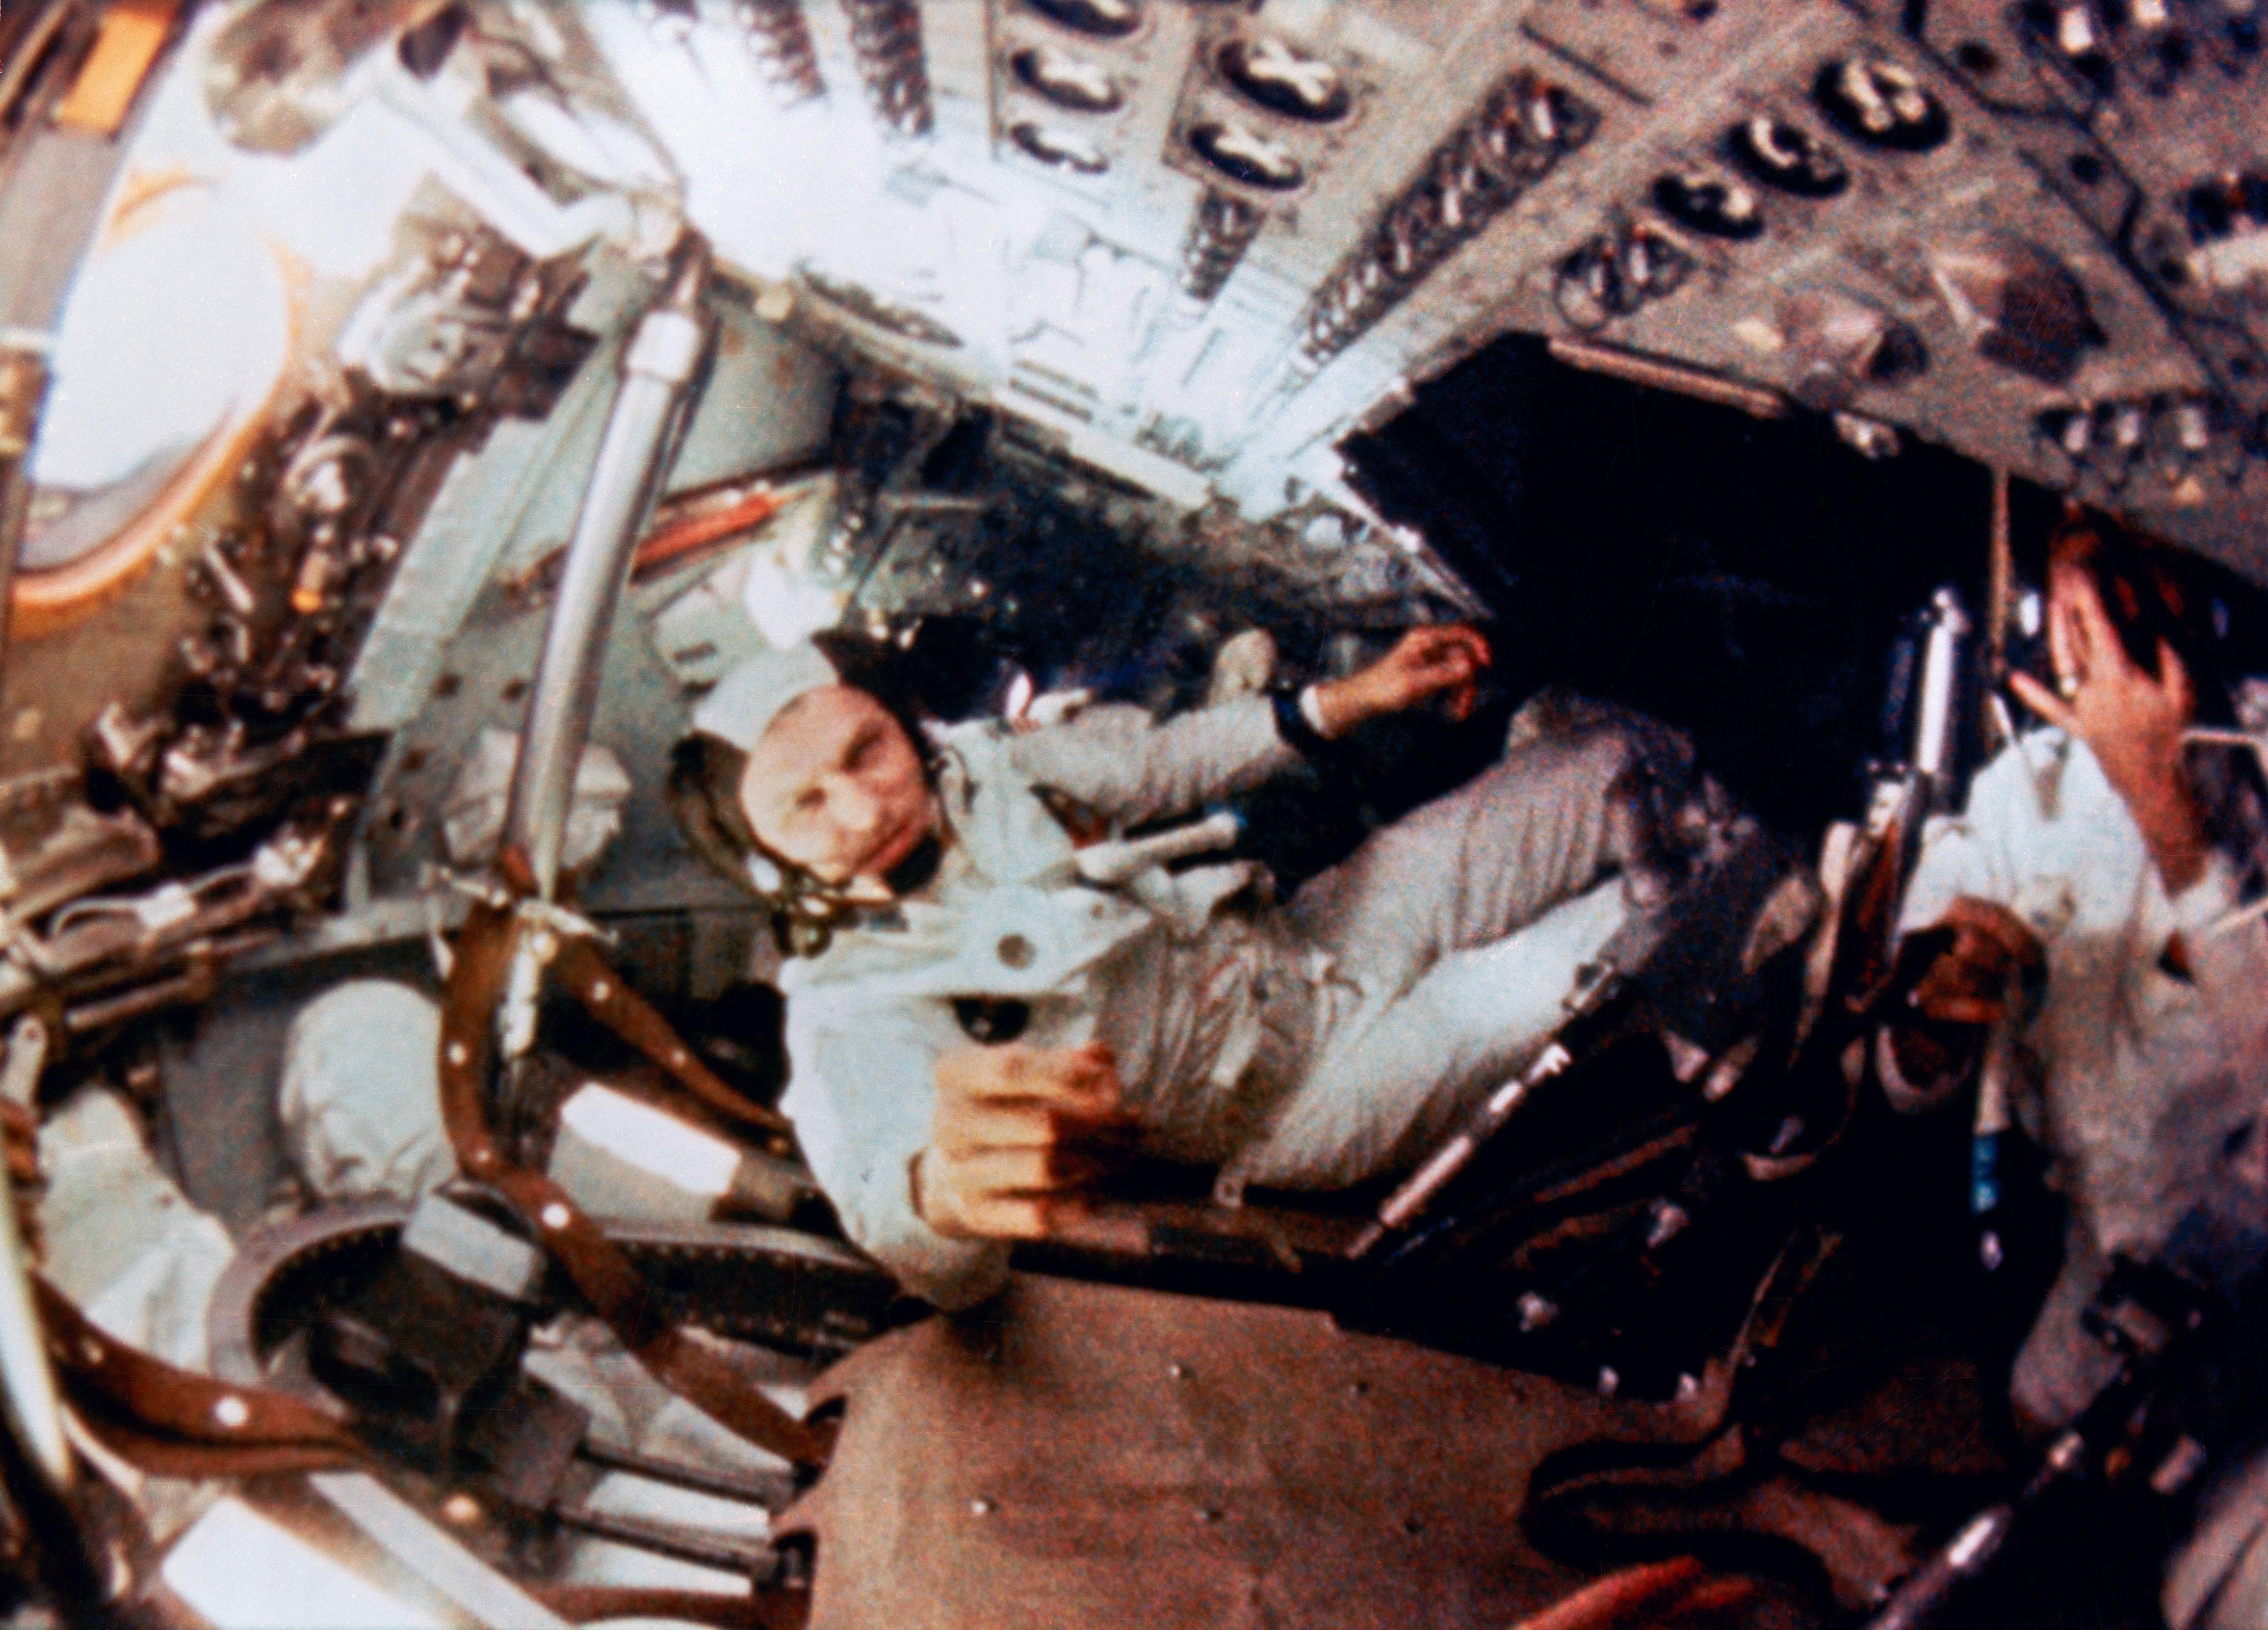 अंपोलो 8 के यात्री यान के अंदर